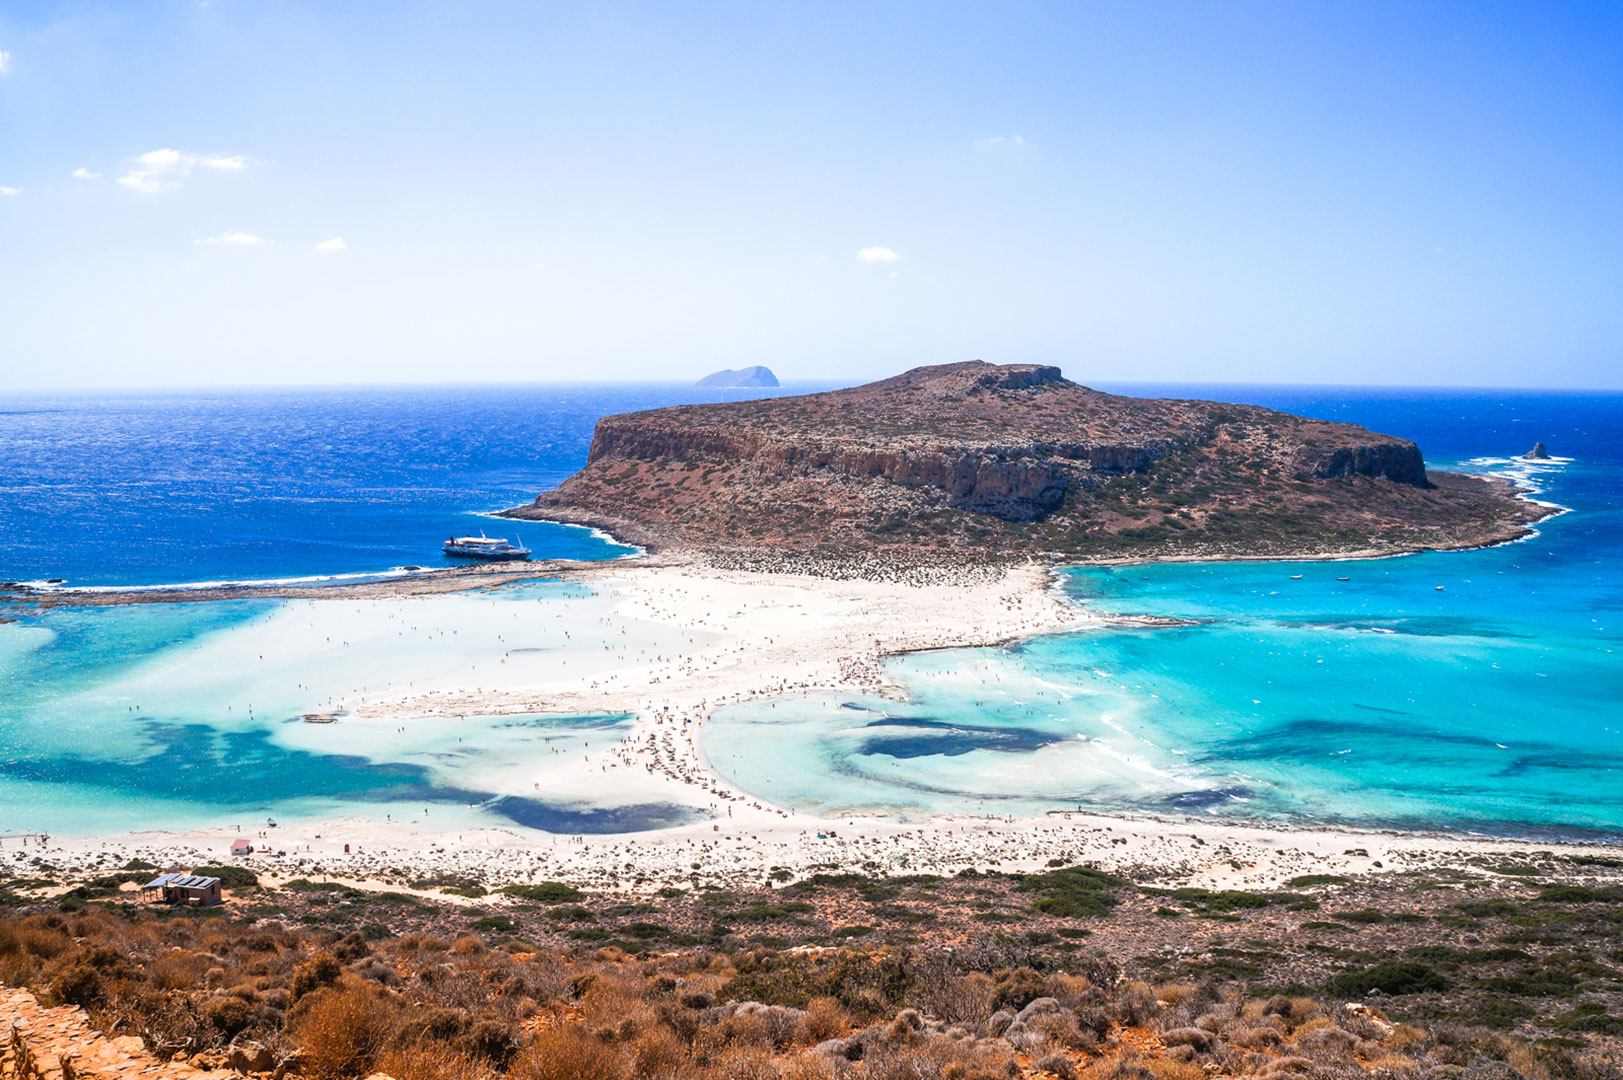 balos-crete-greece-la-vie-en-blog-all-rights-reserved-5